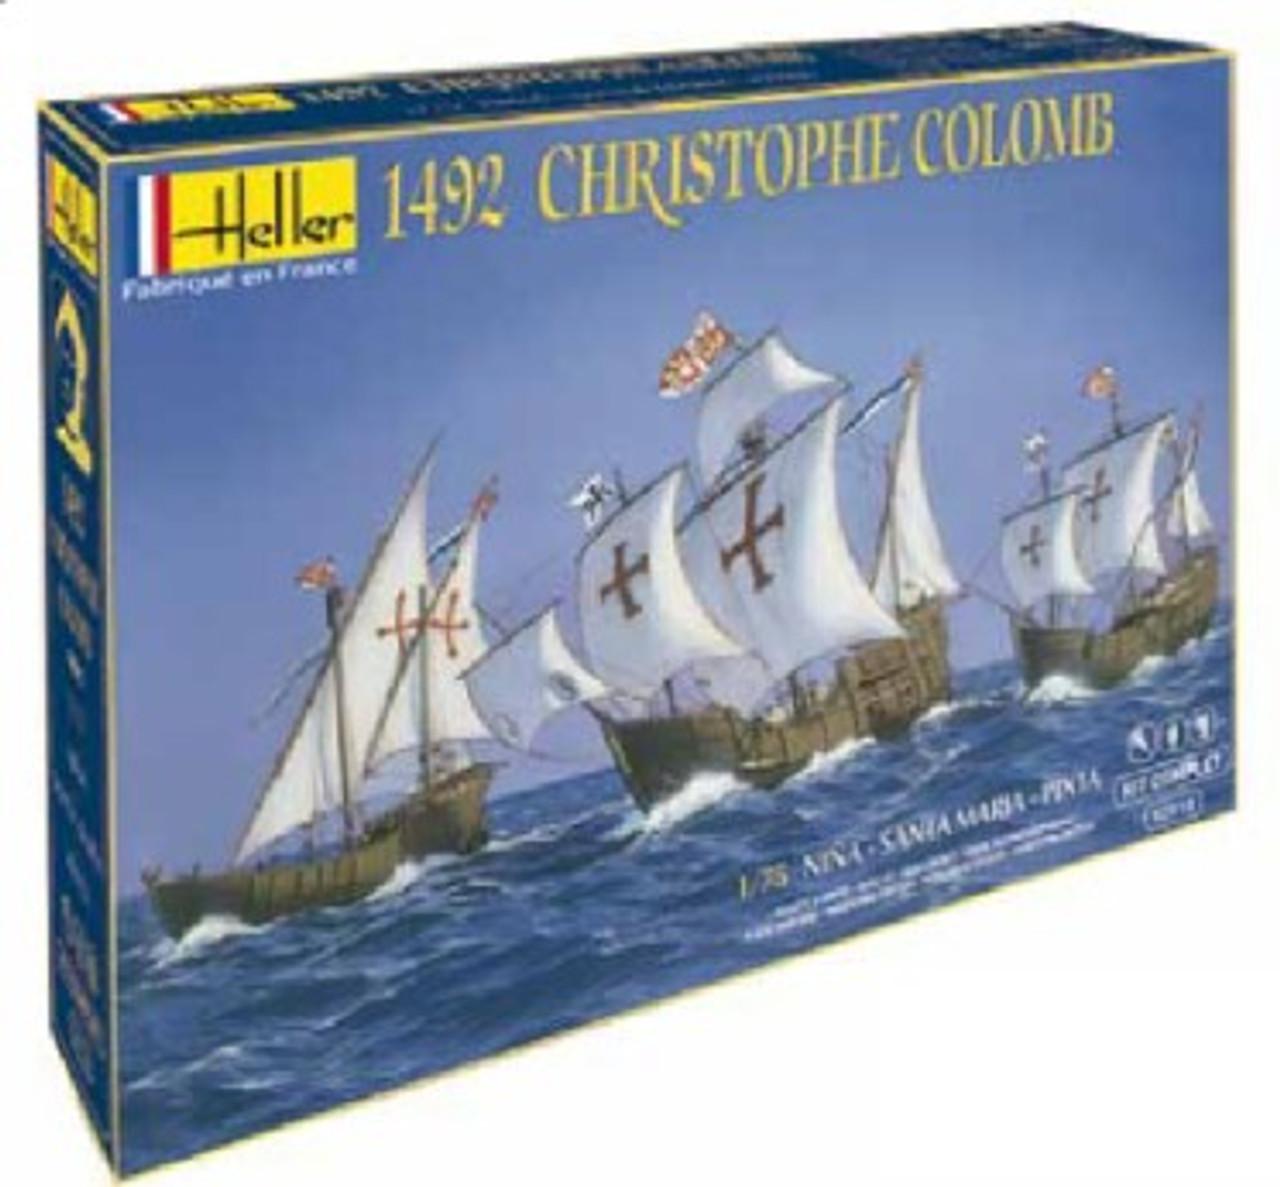 1492 Christopher Columbus Sailing Ships: Santa Maria